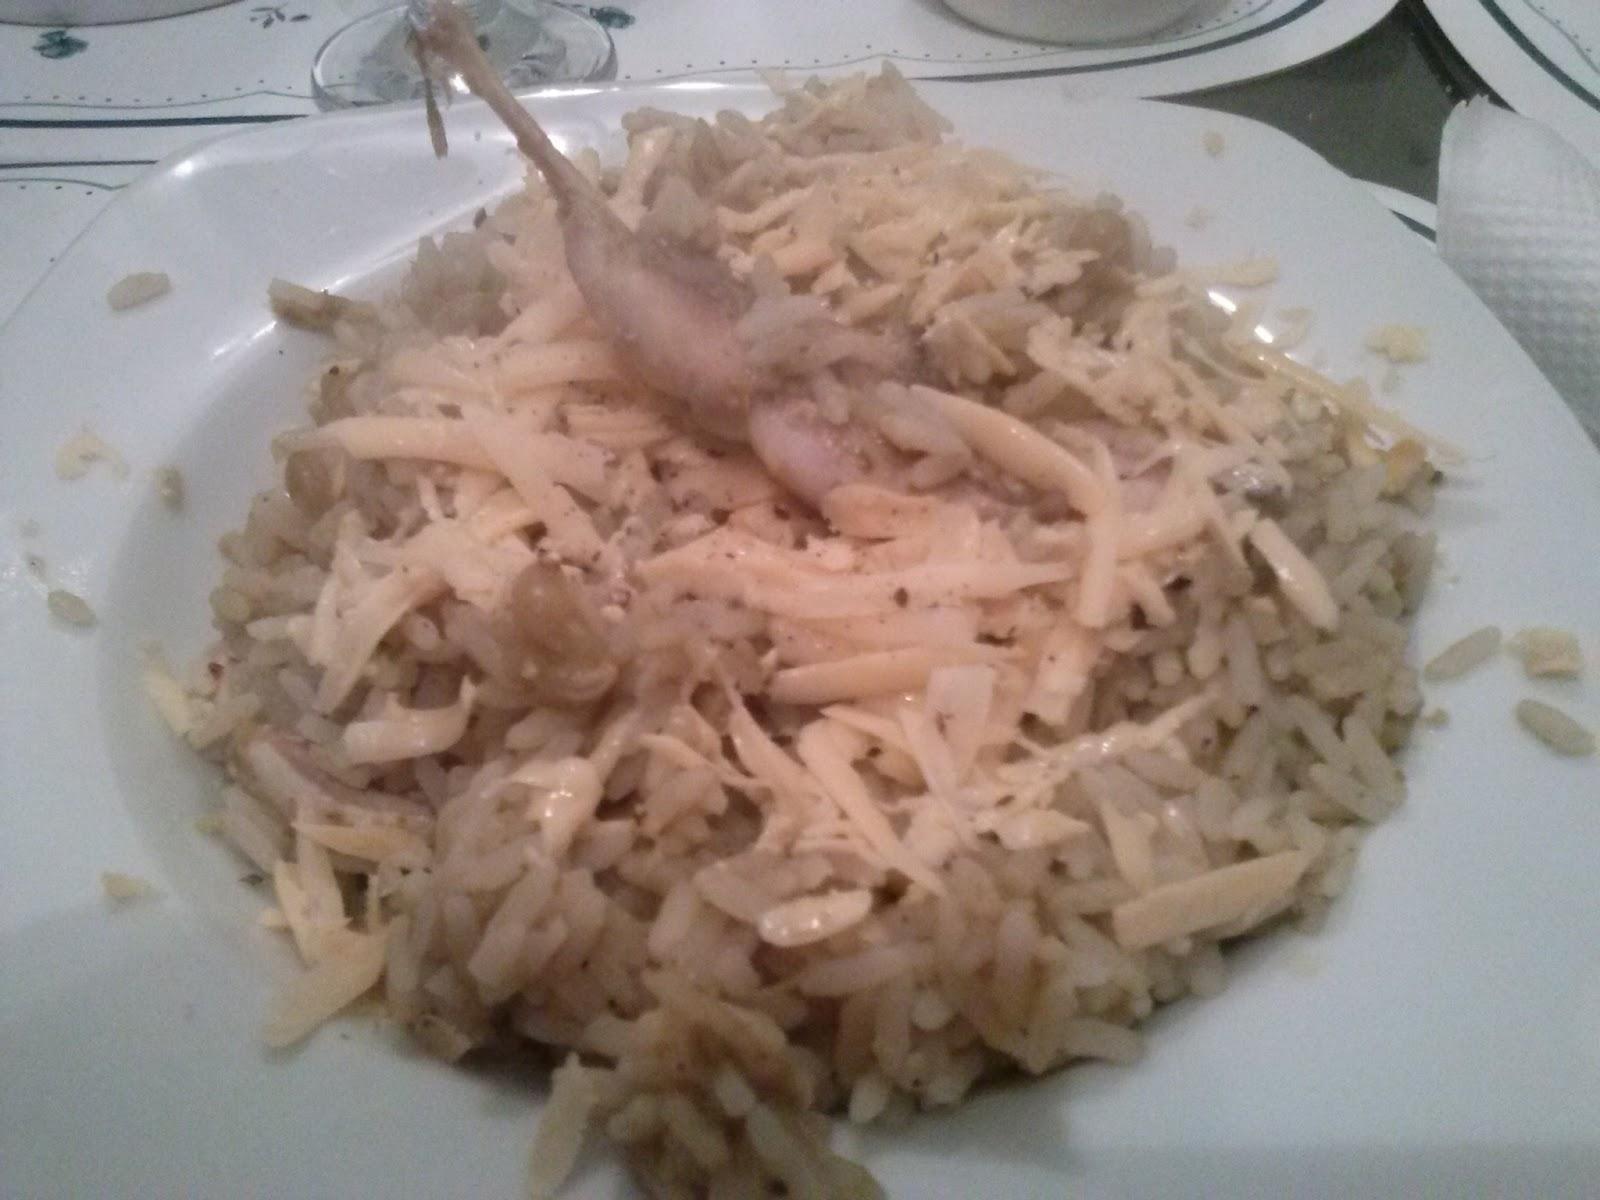 Gustos salvajes perdices con arroz versi n light - Arroz con verduras light ...